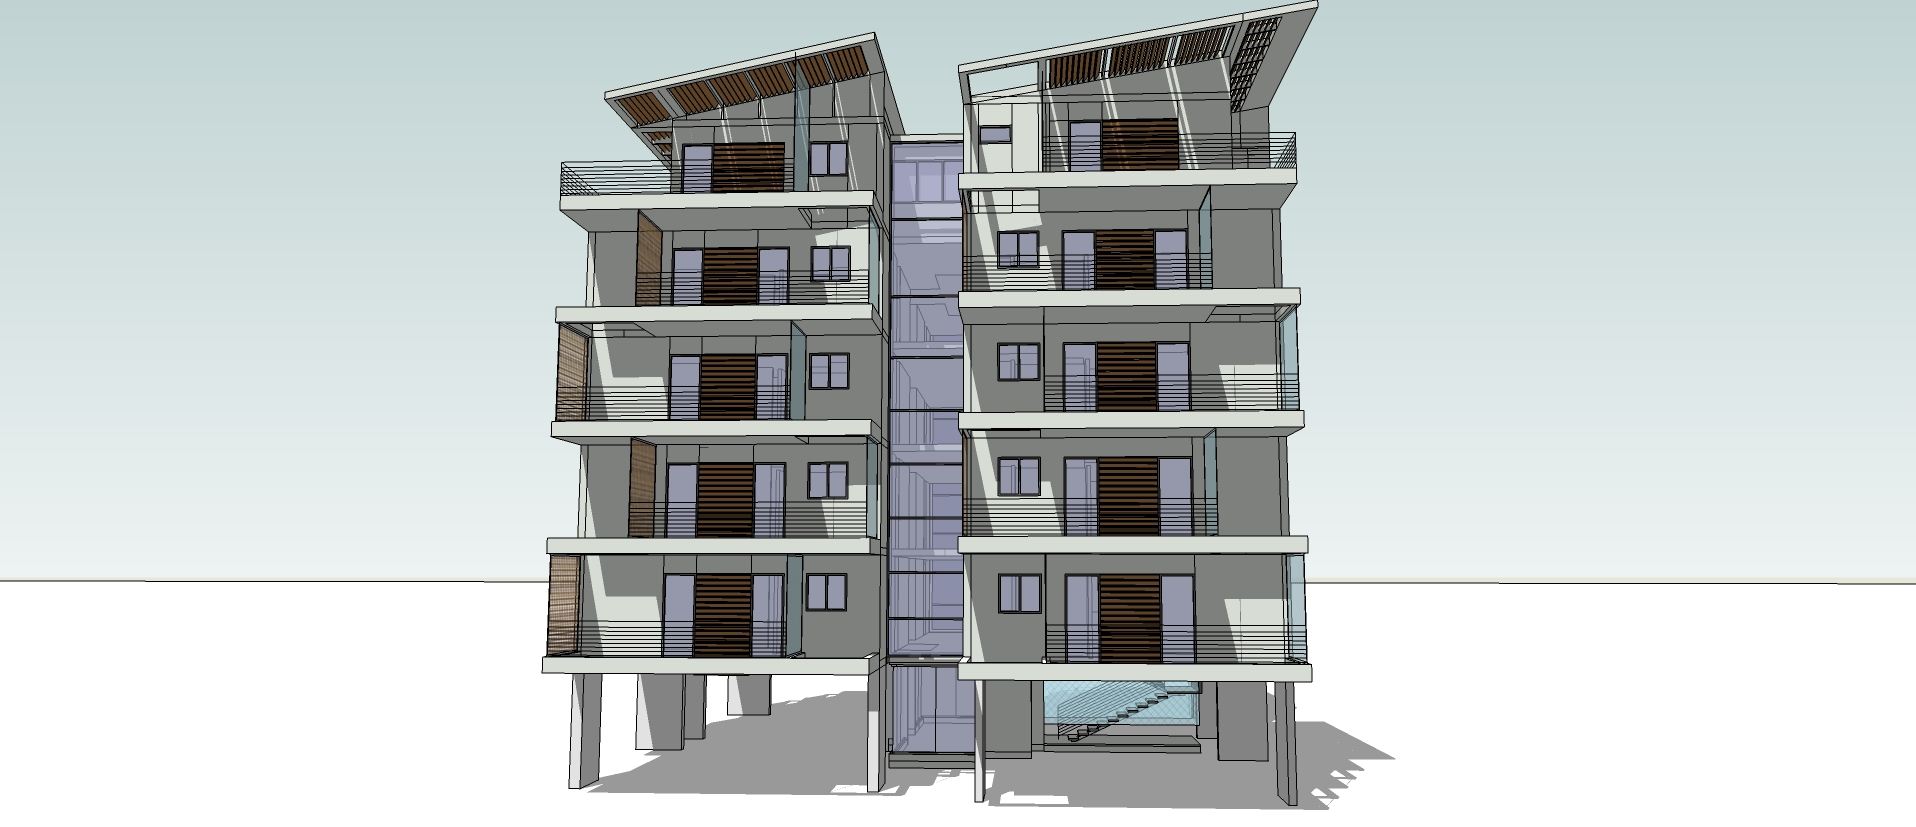 residential8-2x - Scene 3.jpg